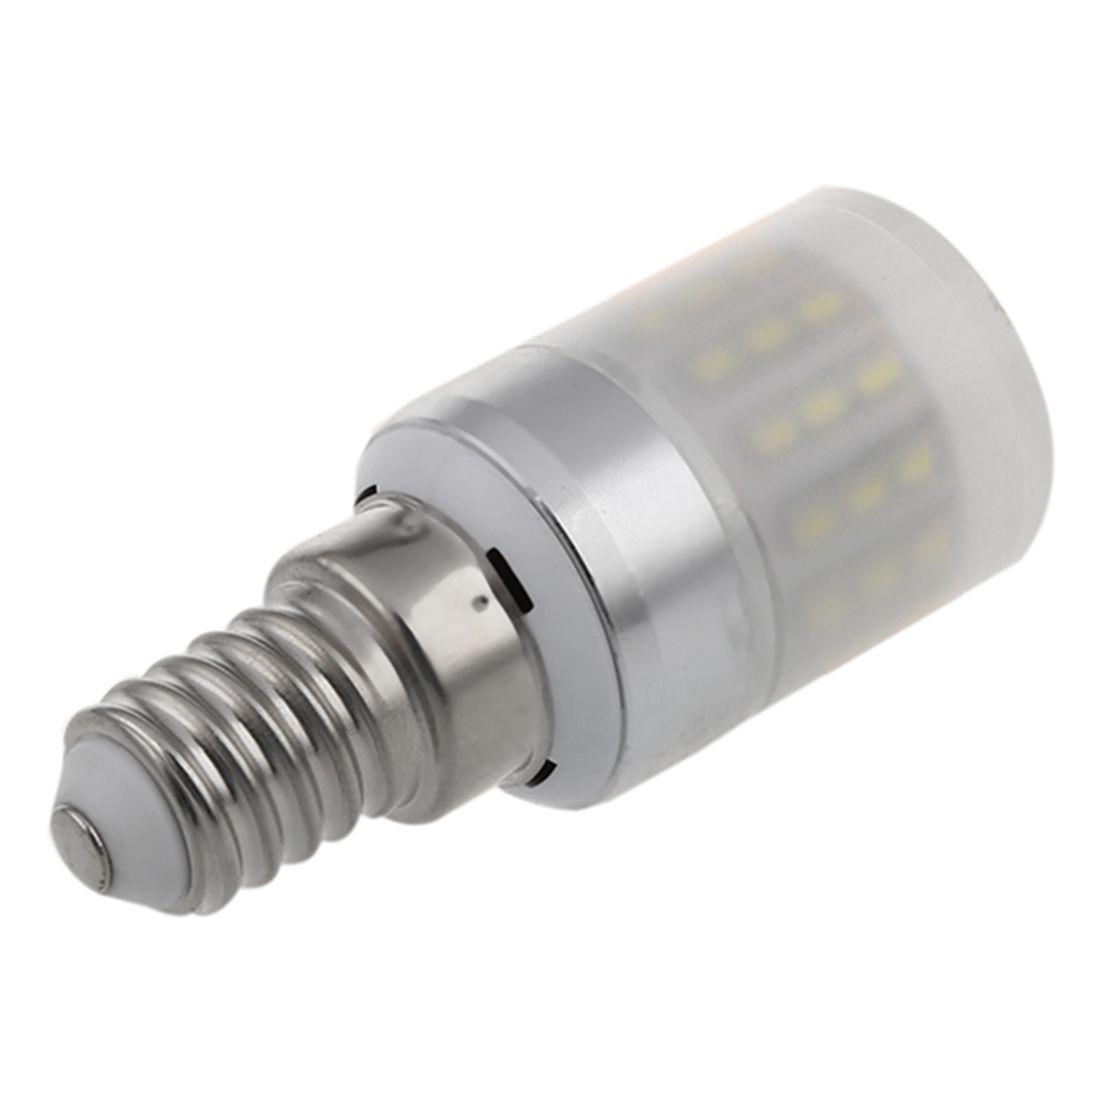 e14 48 3014 smd led beleuchtung lampe sparlampe spot 450lm. Black Bedroom Furniture Sets. Home Design Ideas